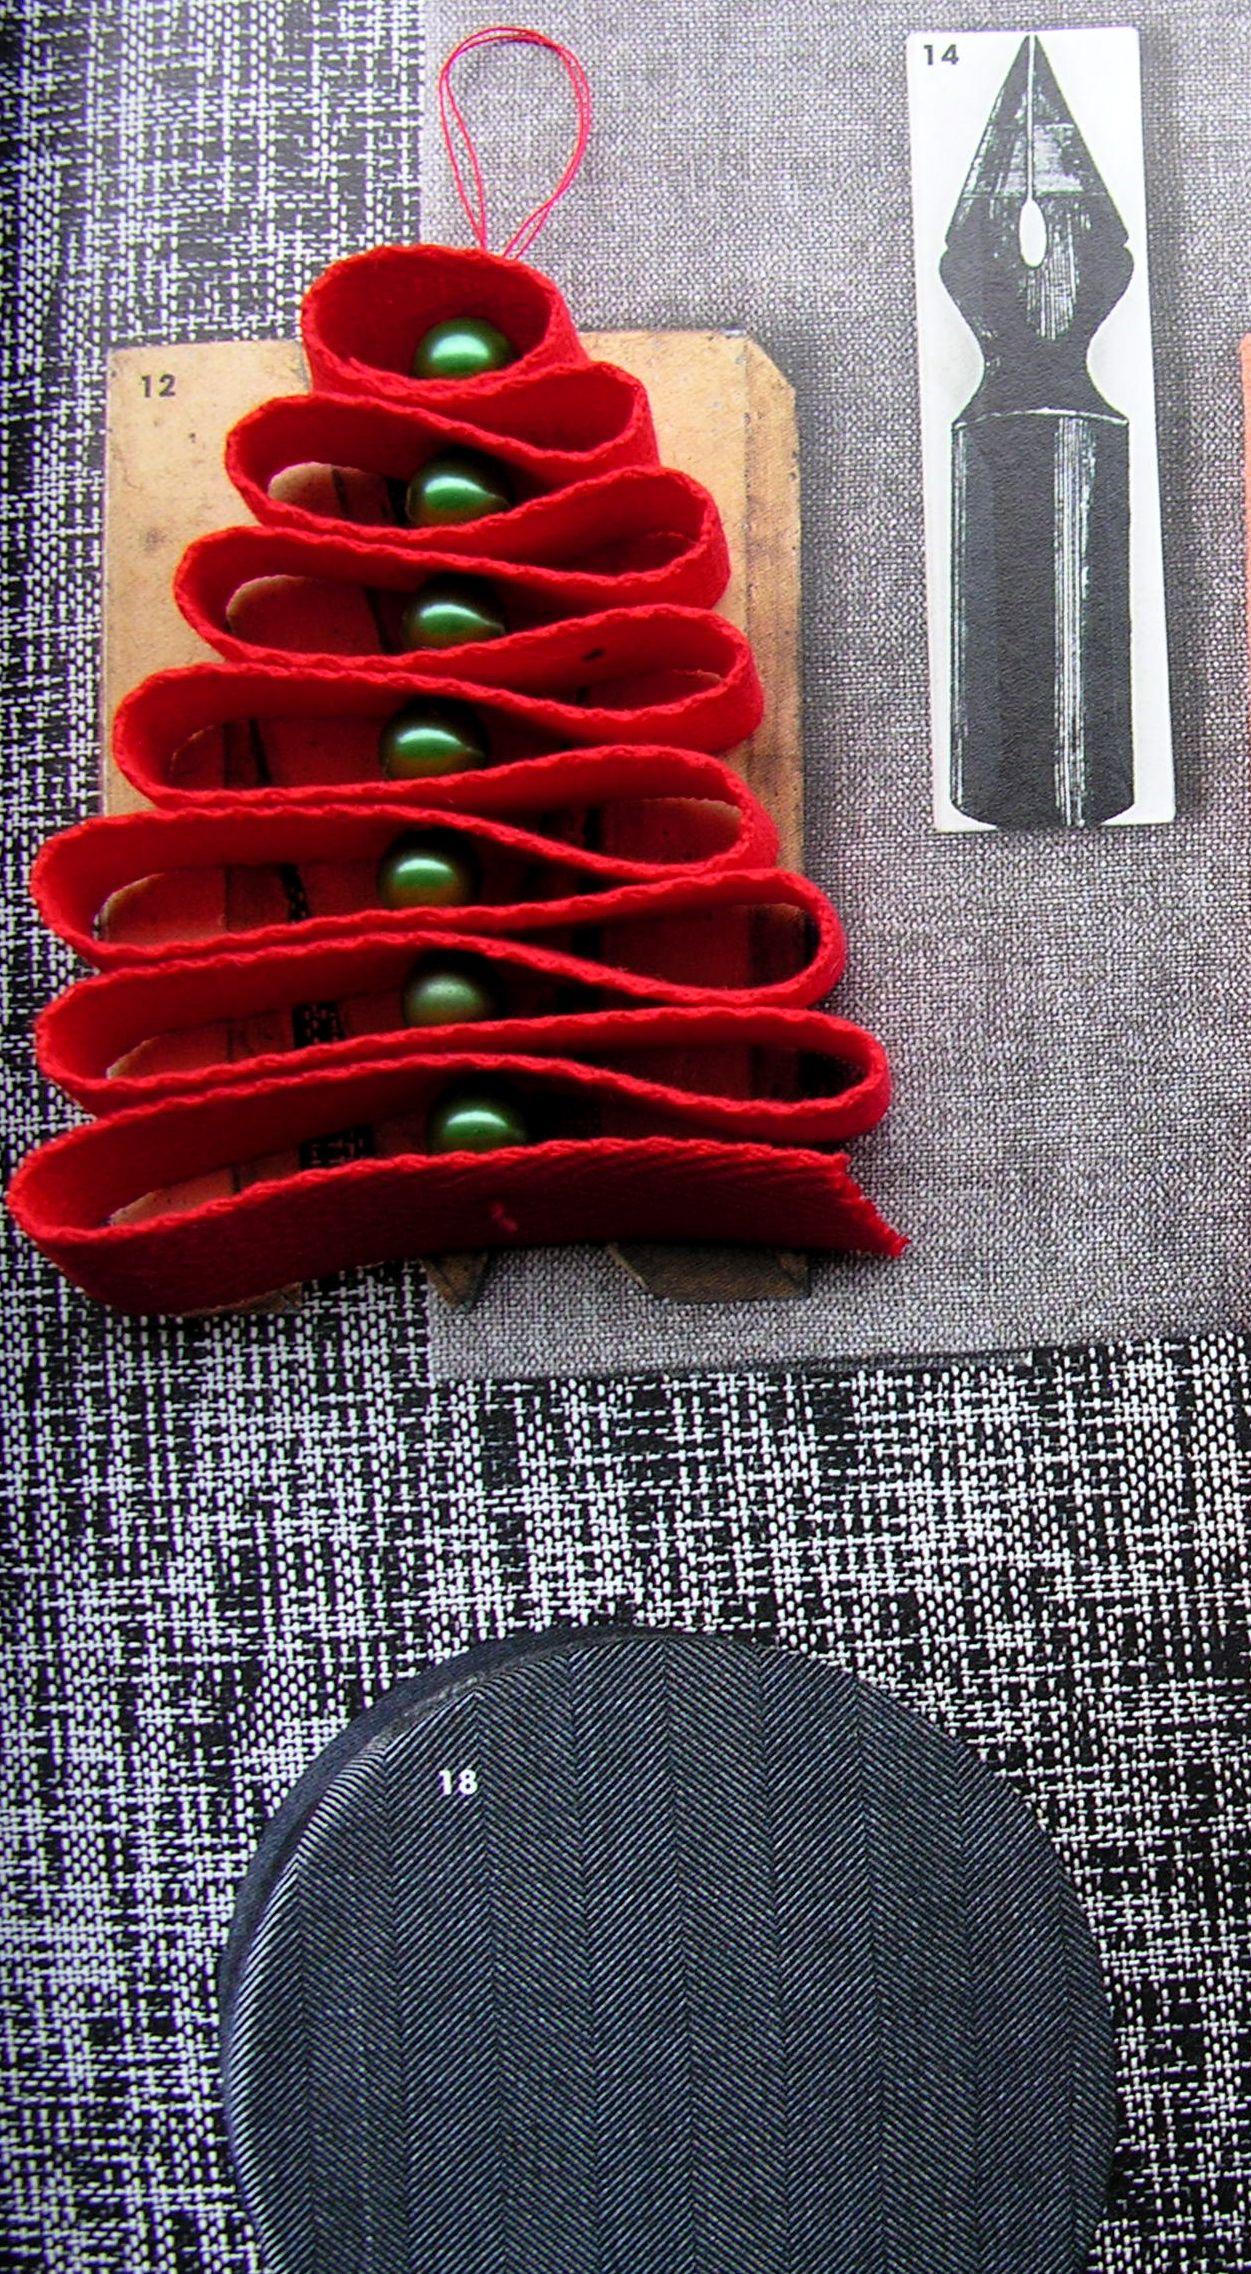 Addobbi Natalizi Jeans.Che Colori Pensate Di Usare Quest Anno Per Gli Addobbi Natalizi Rosso Verde Blu Viola Argento Oro Ho Pensato A Natale Natale Fai Da Te Fatto A Mano